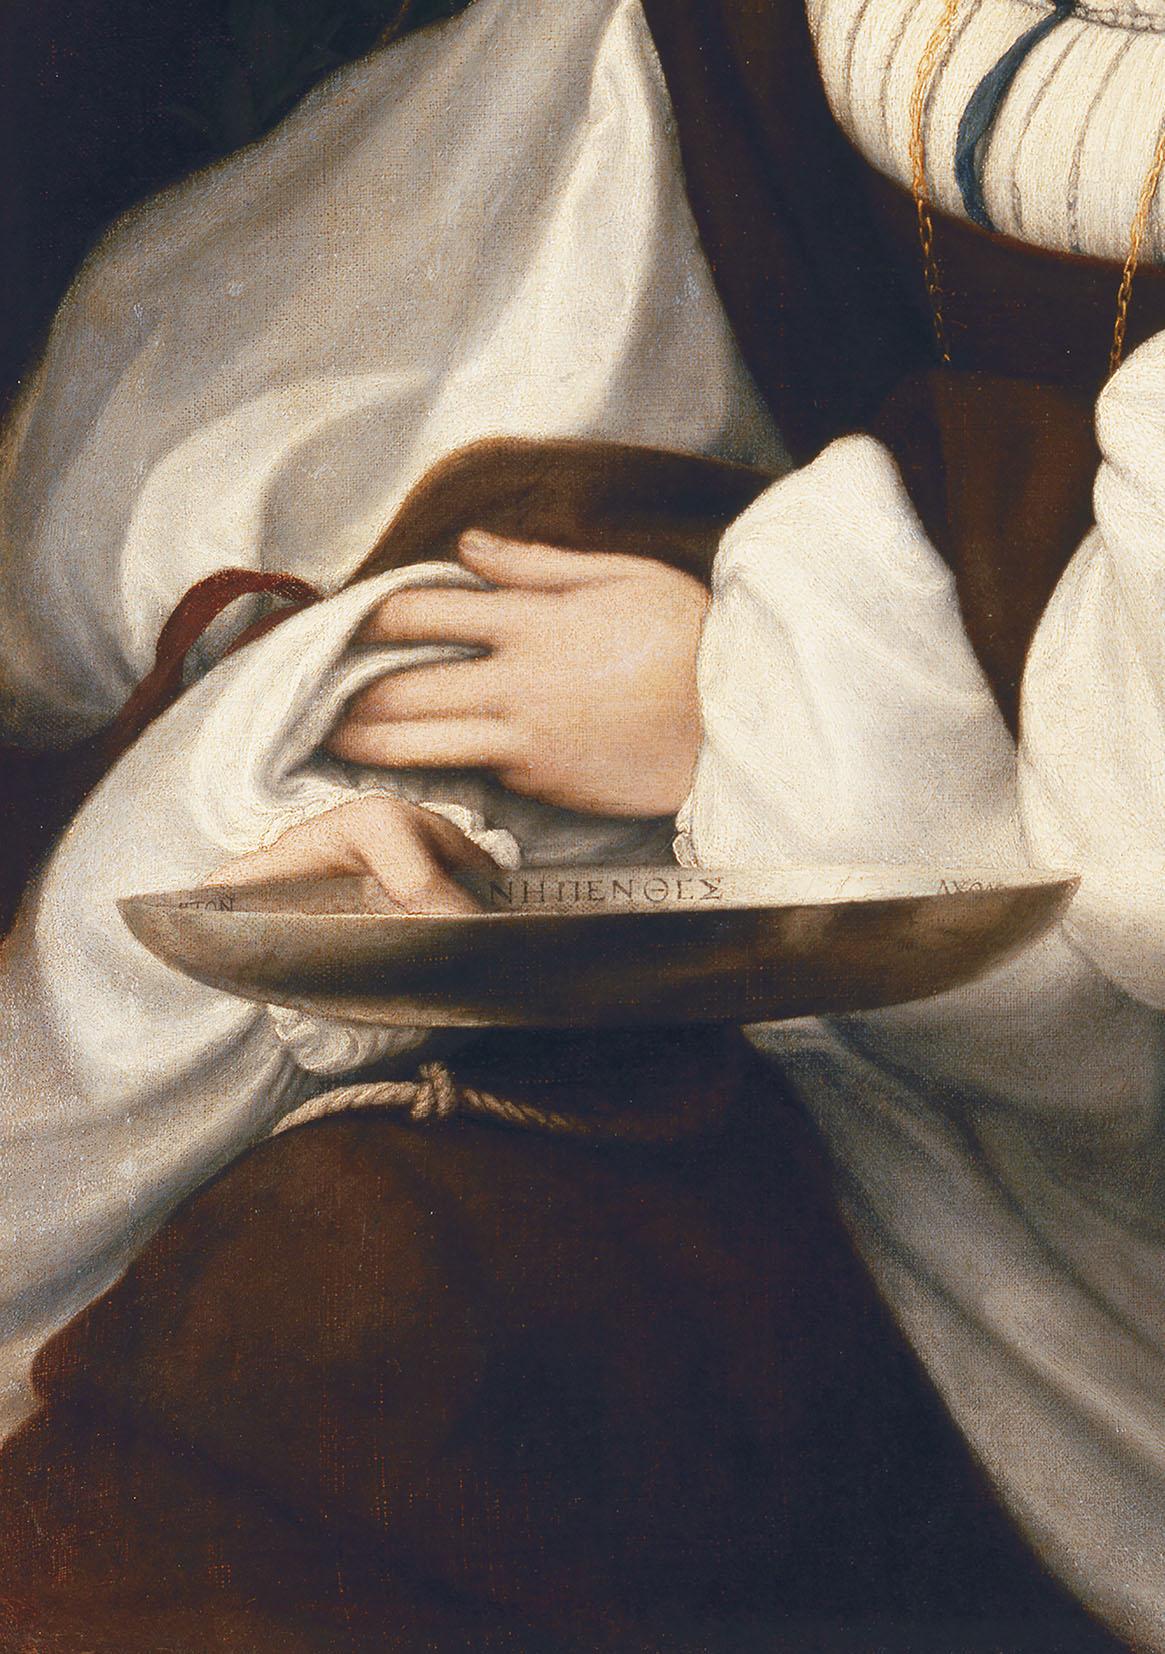 Correggio (Antonio Allegri), Ritratto di giovane donna, dettaglio della coppa